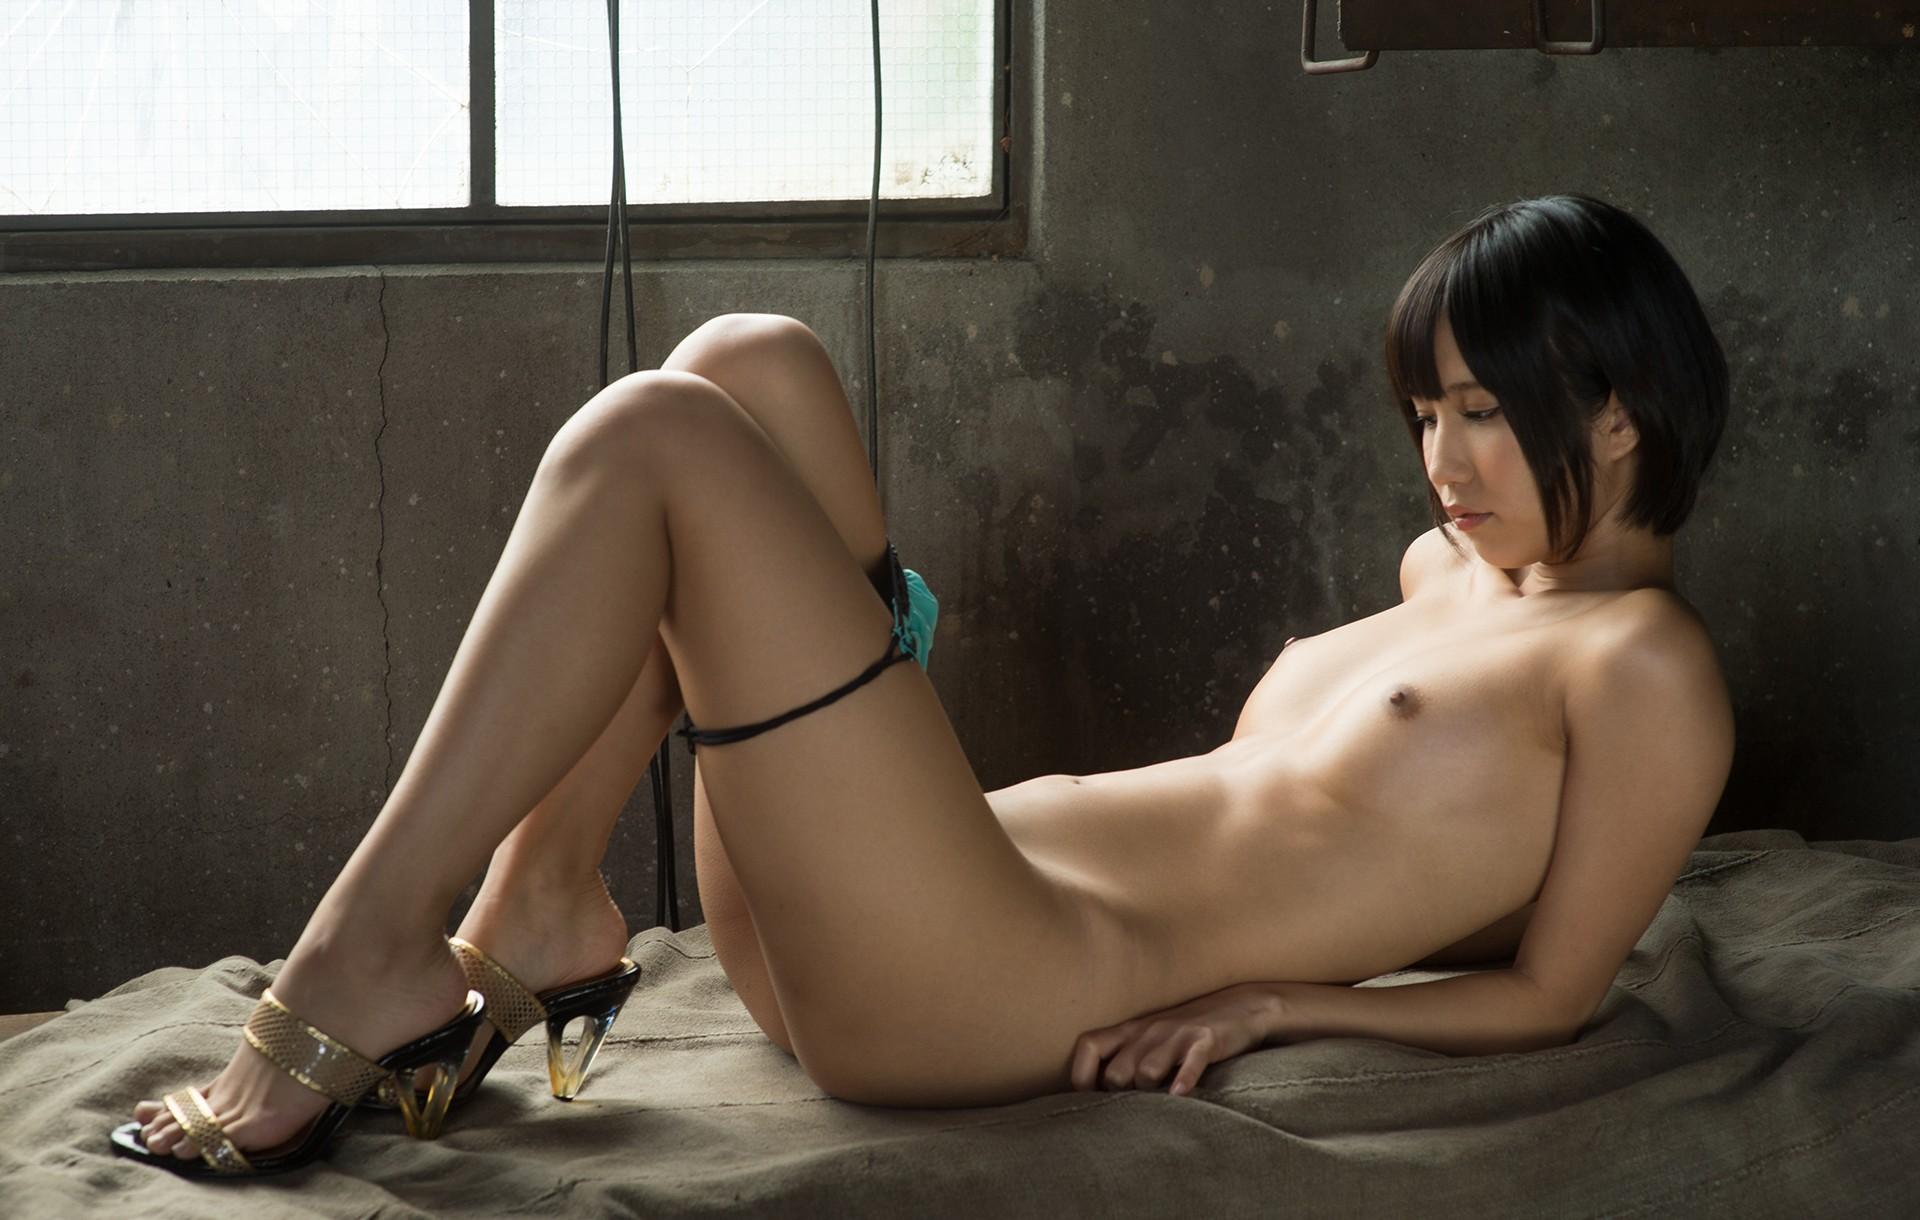 三次元 3次元 エロ画像 AV女優 湊莉久 ヌード べっぴん娘通信 072